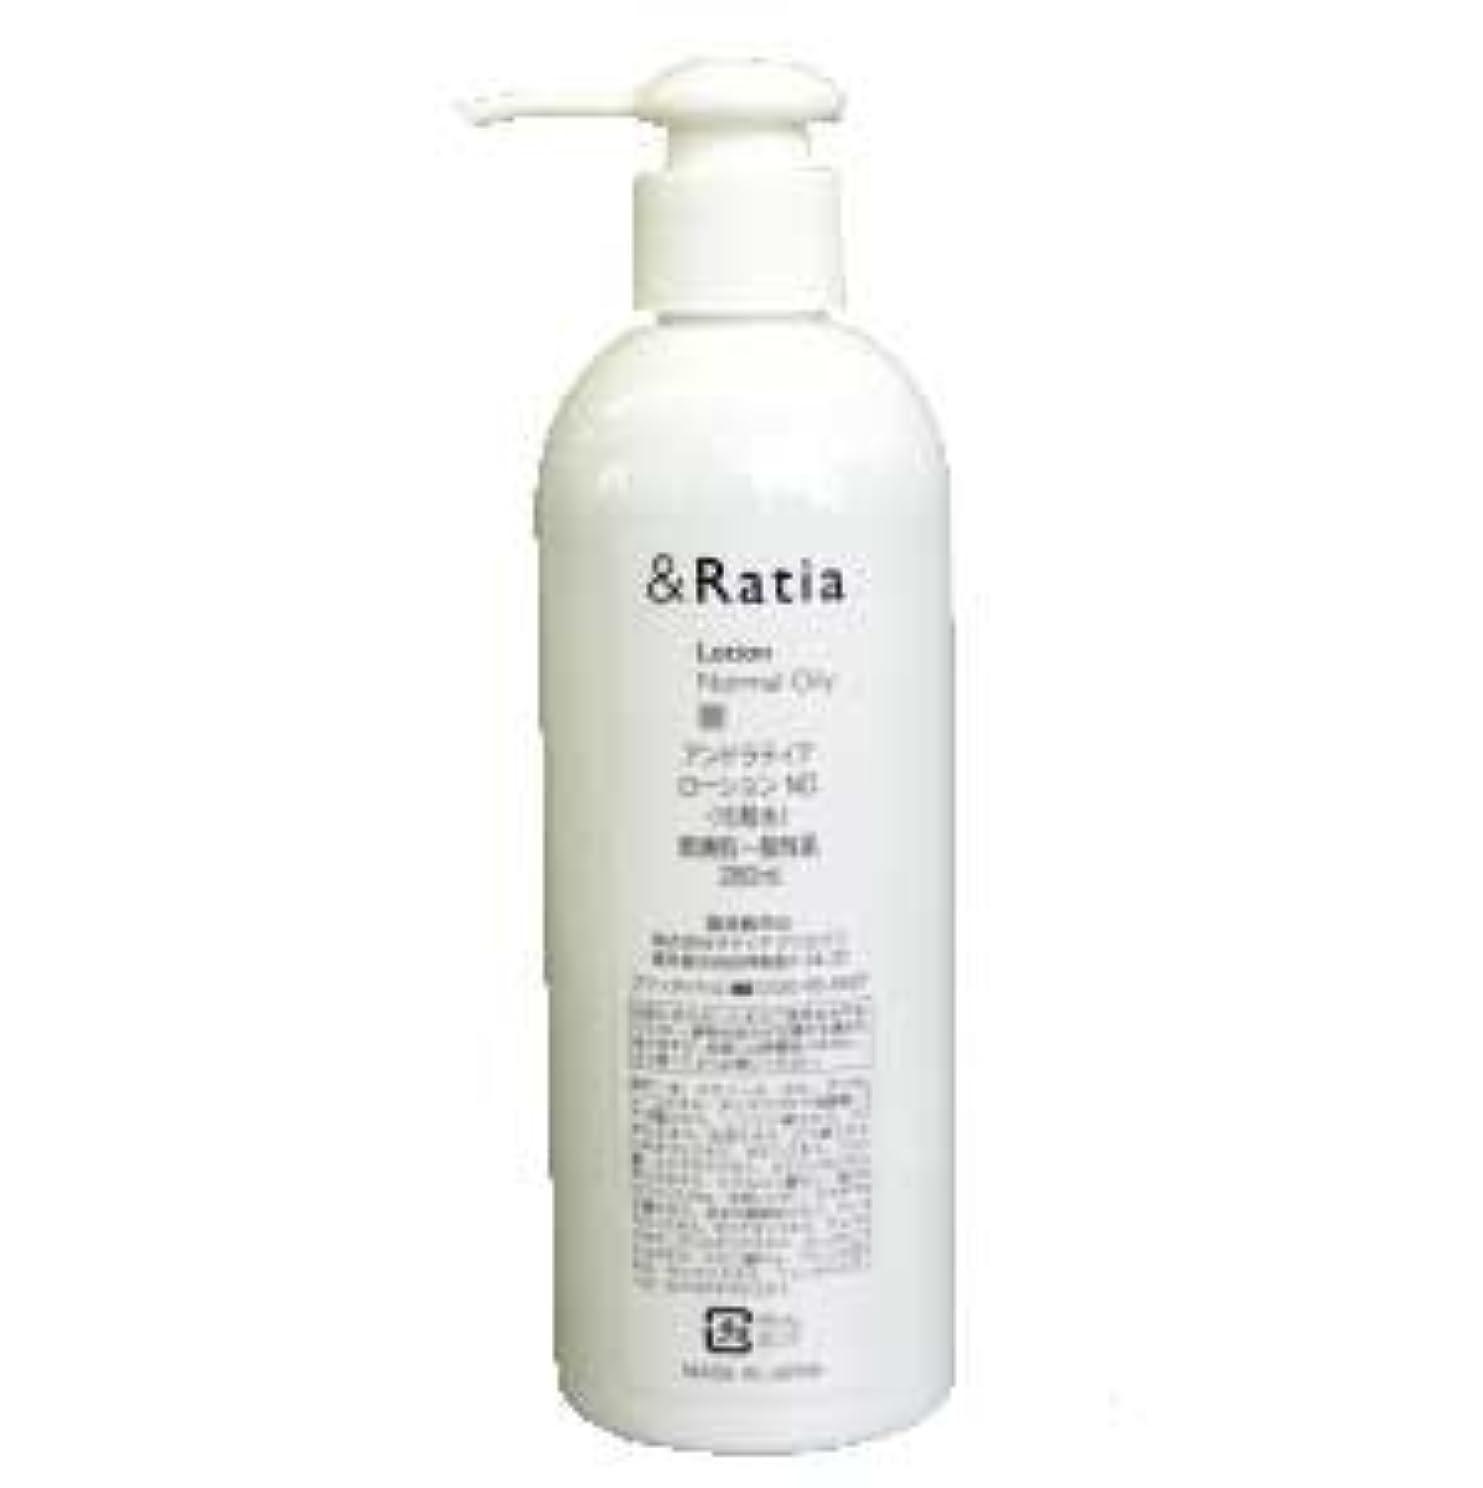 ビジネスアクティブ極めて重要な&Ratia アンドラティア  ローションNO【普通肌~脂性肌】業務用 ARSG011 280ml [cosme]